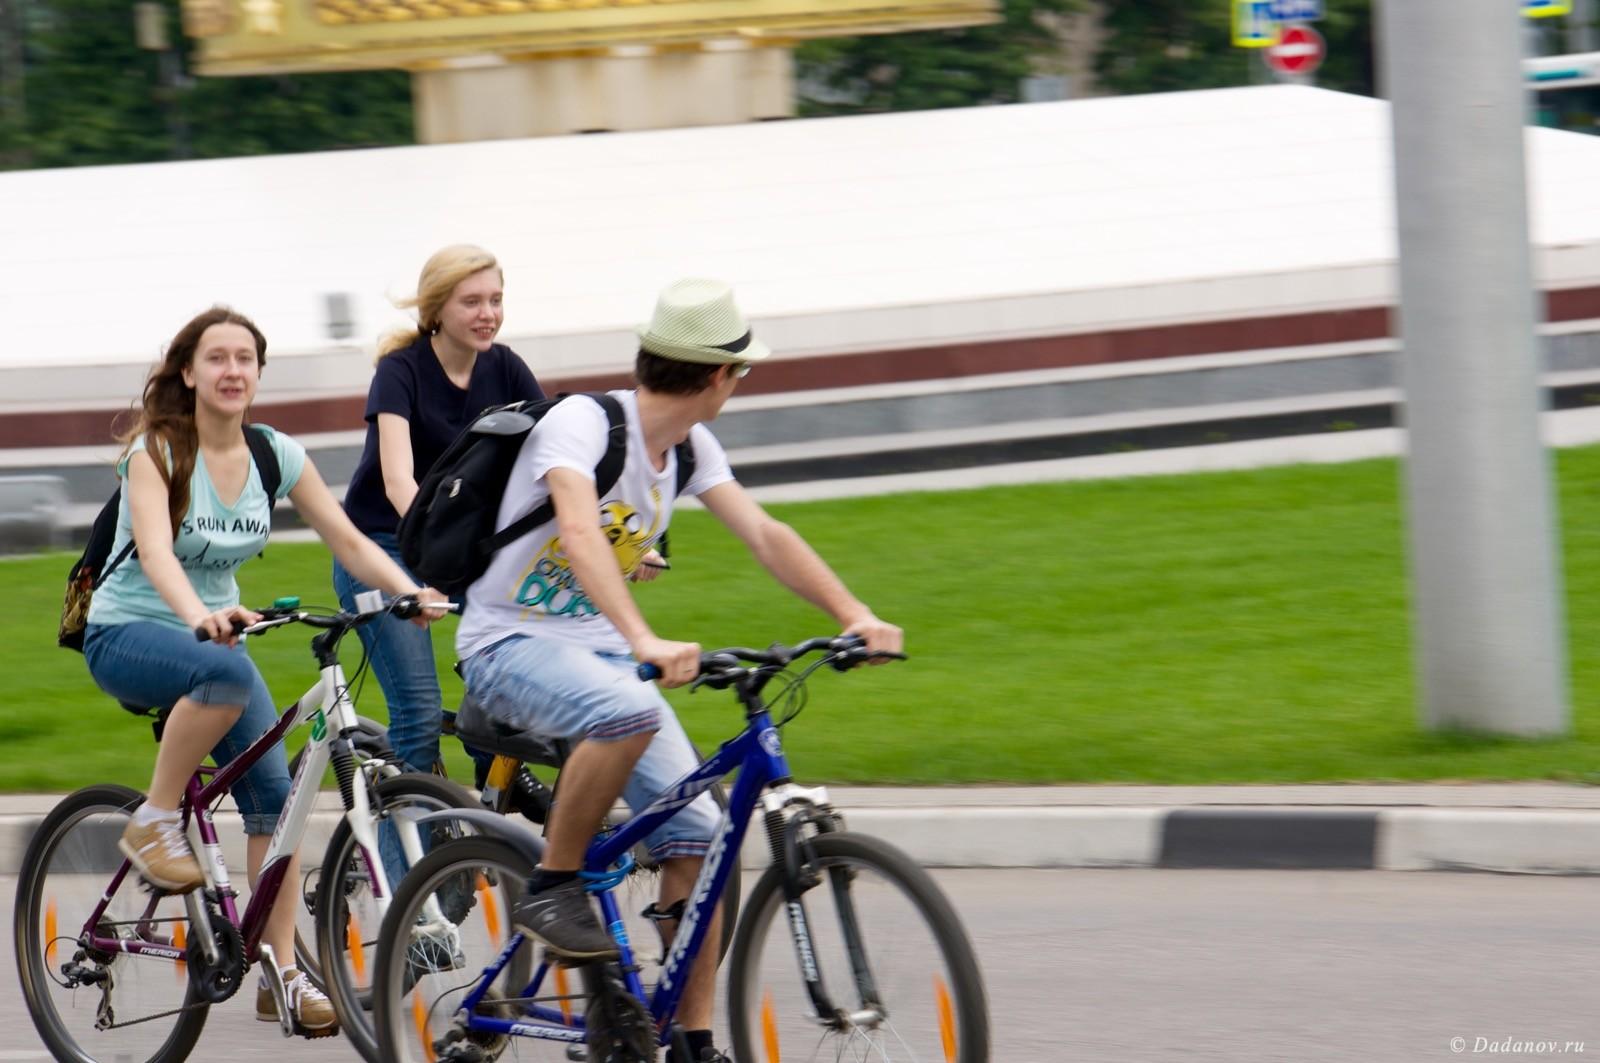 Велодень 2016 в Липецке состоялся. Фотографии с мероприятия 3010